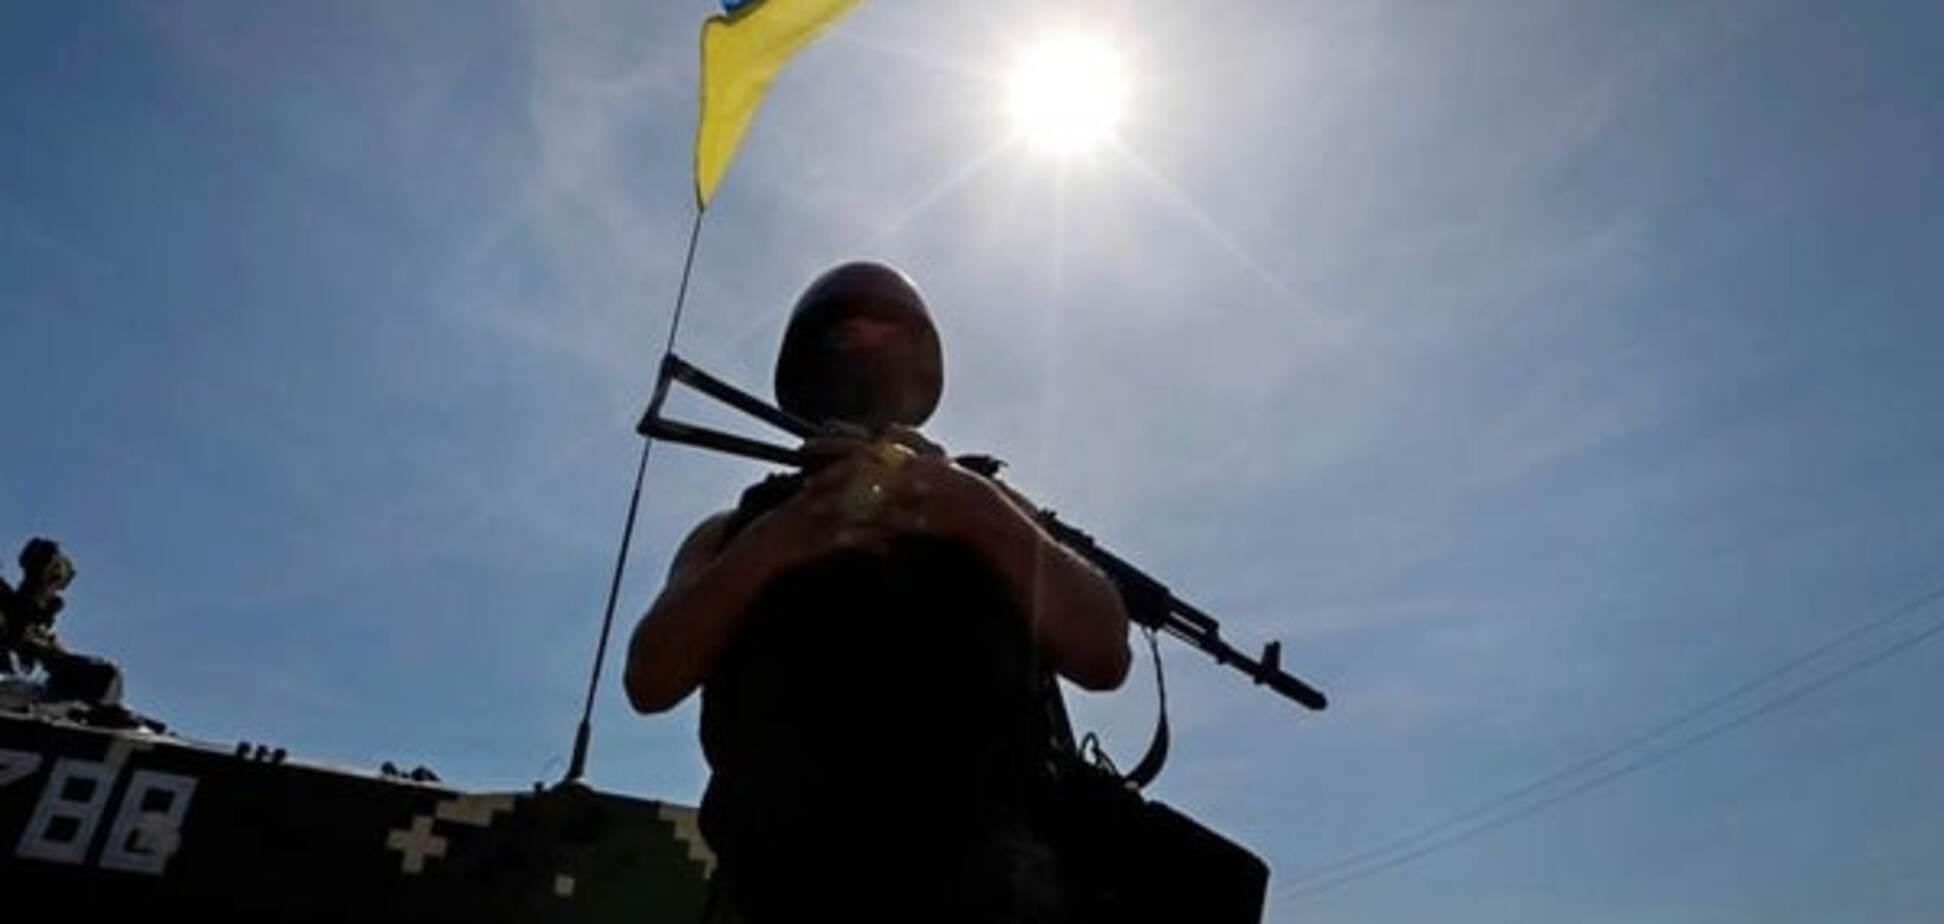 Долю Донбасу вирішить людина зі зброєю – Шкляр